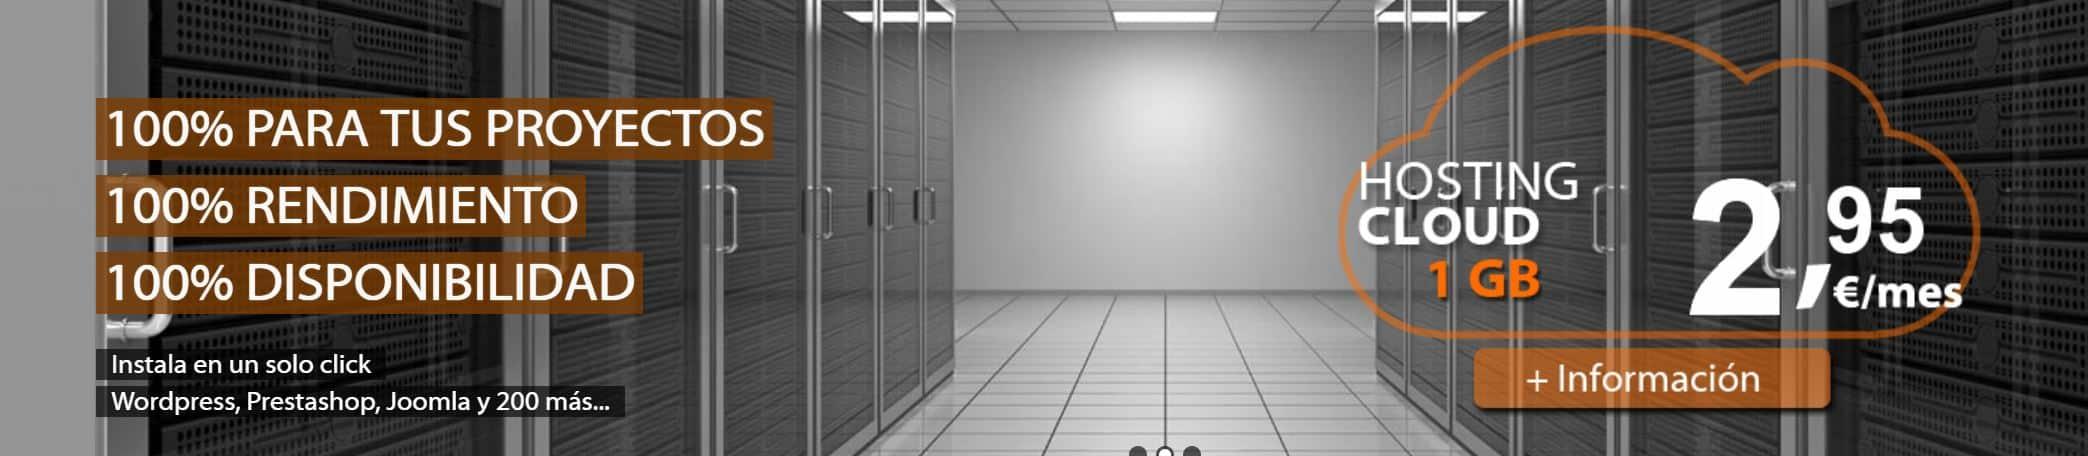 Abansys cuenta con varios servicios y planes de hosting para sus usuarios.